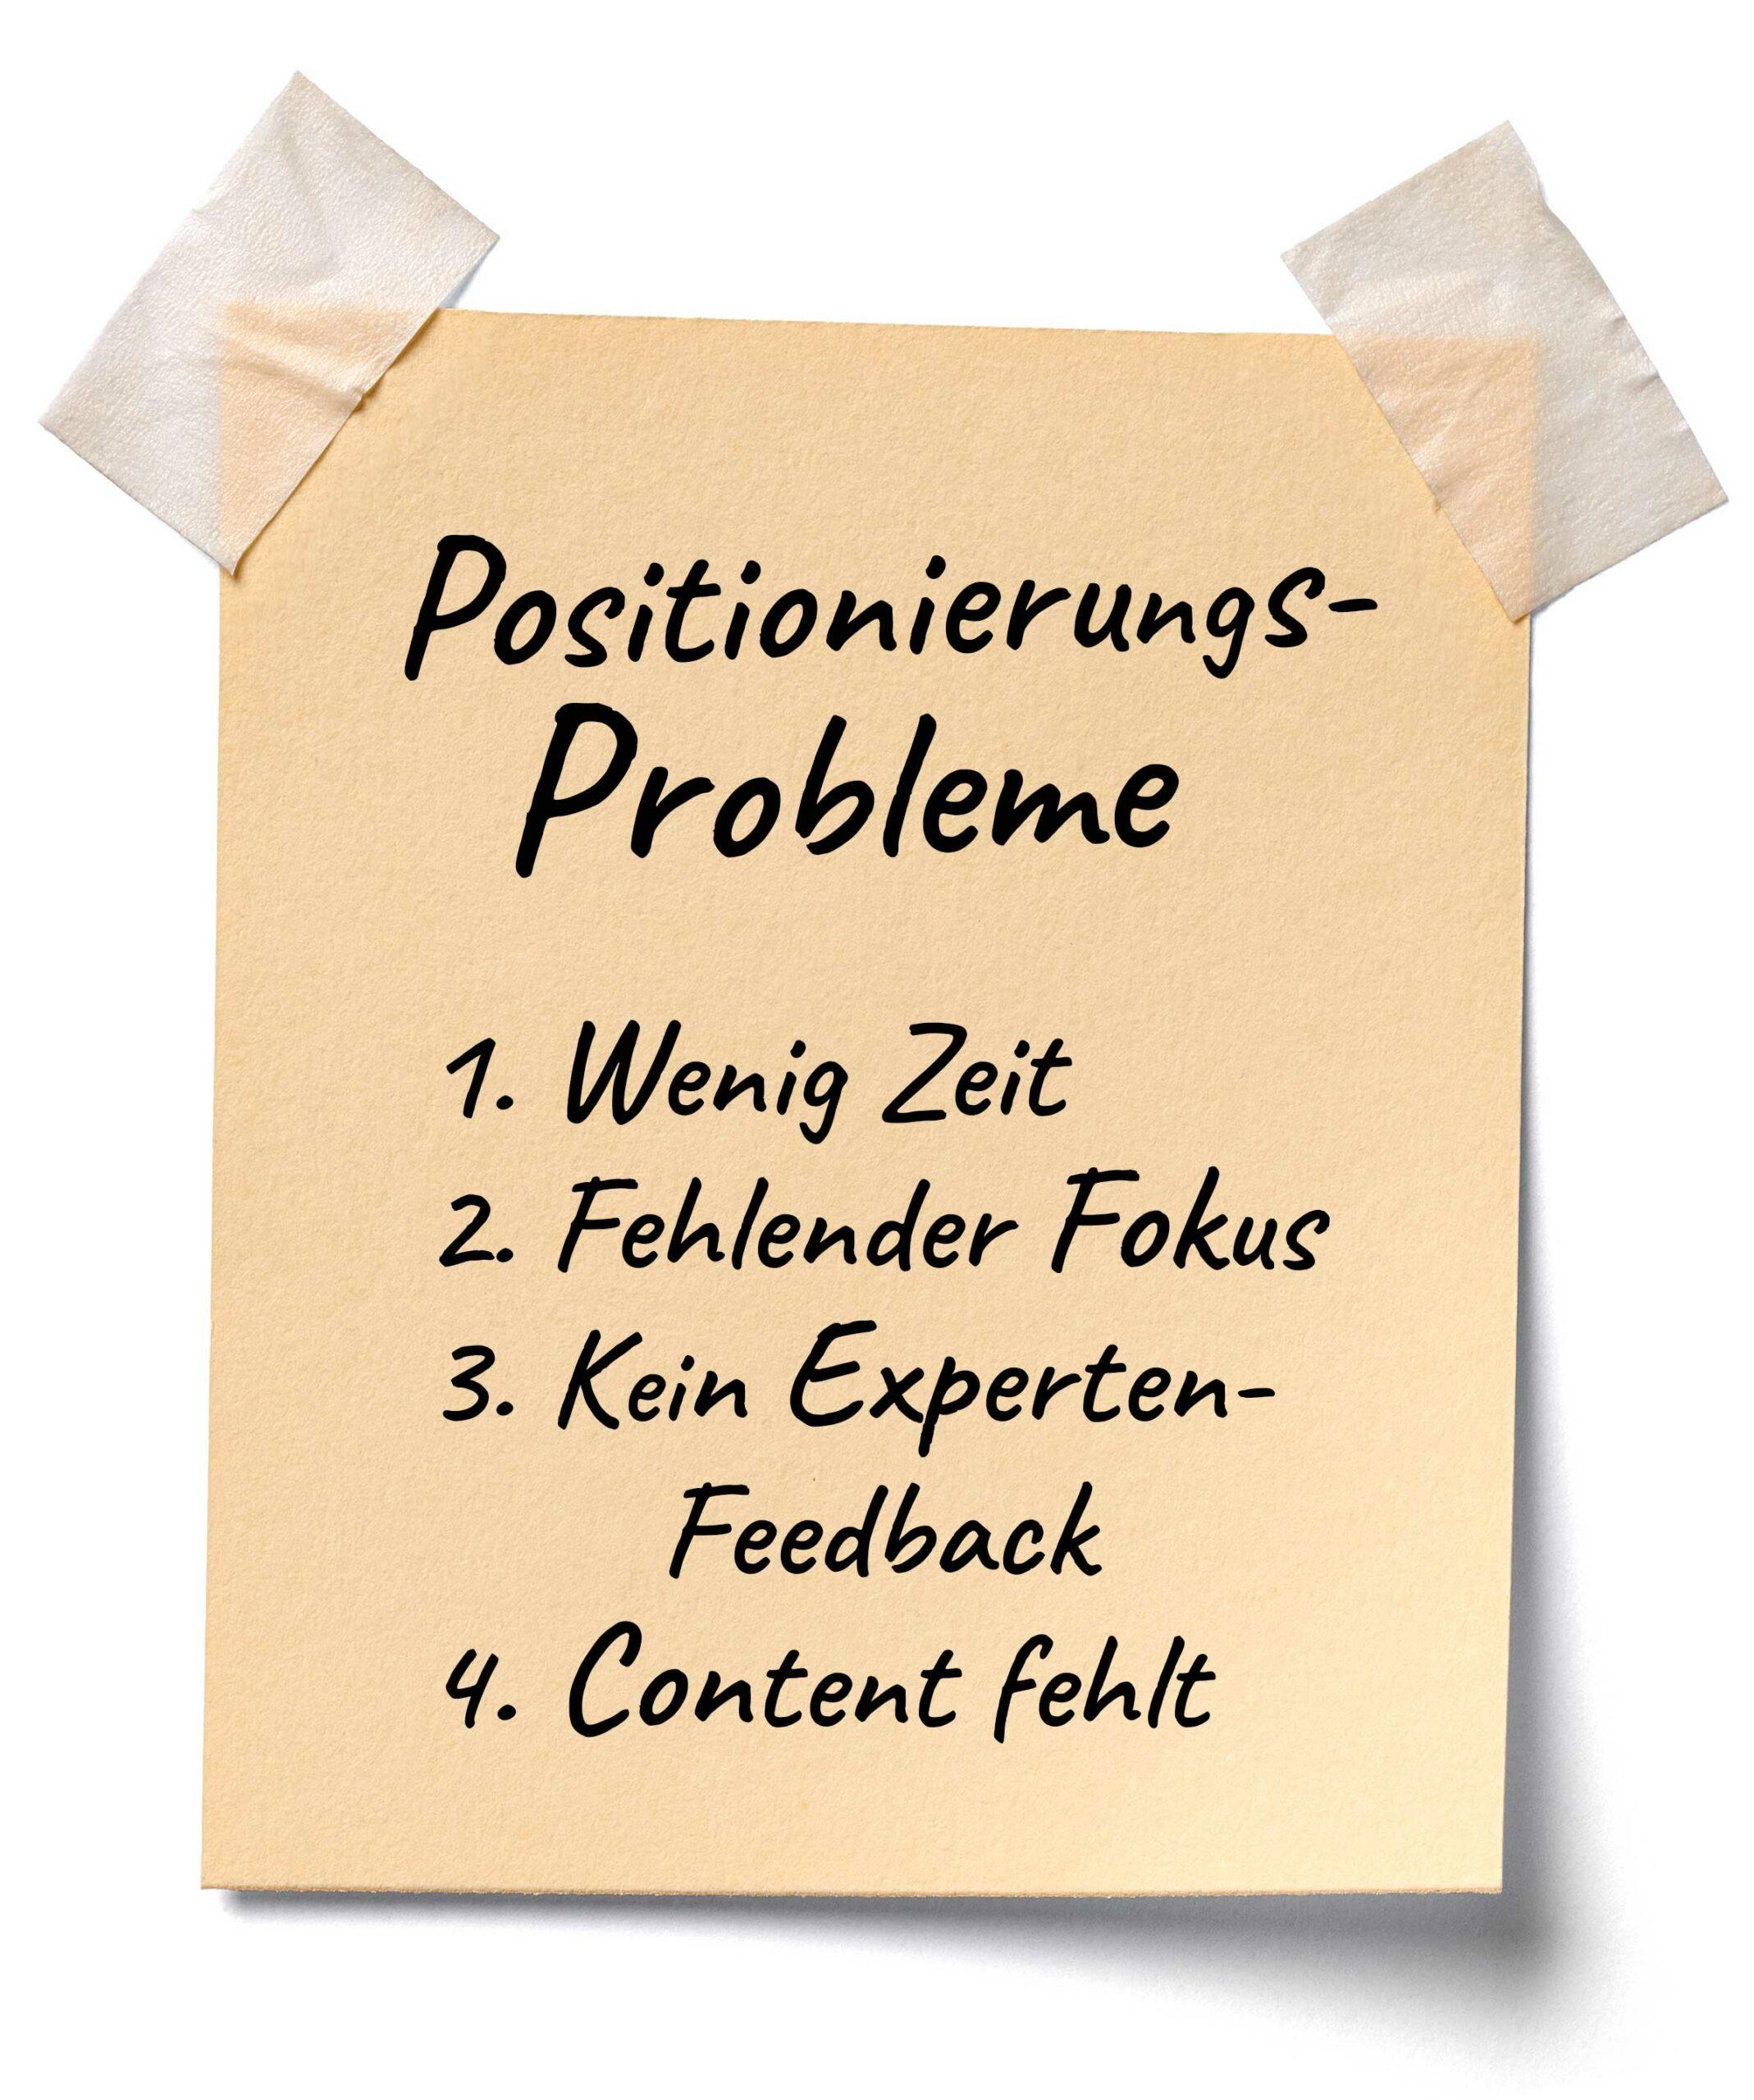 Notizzettel mit Positionierungsproblemen